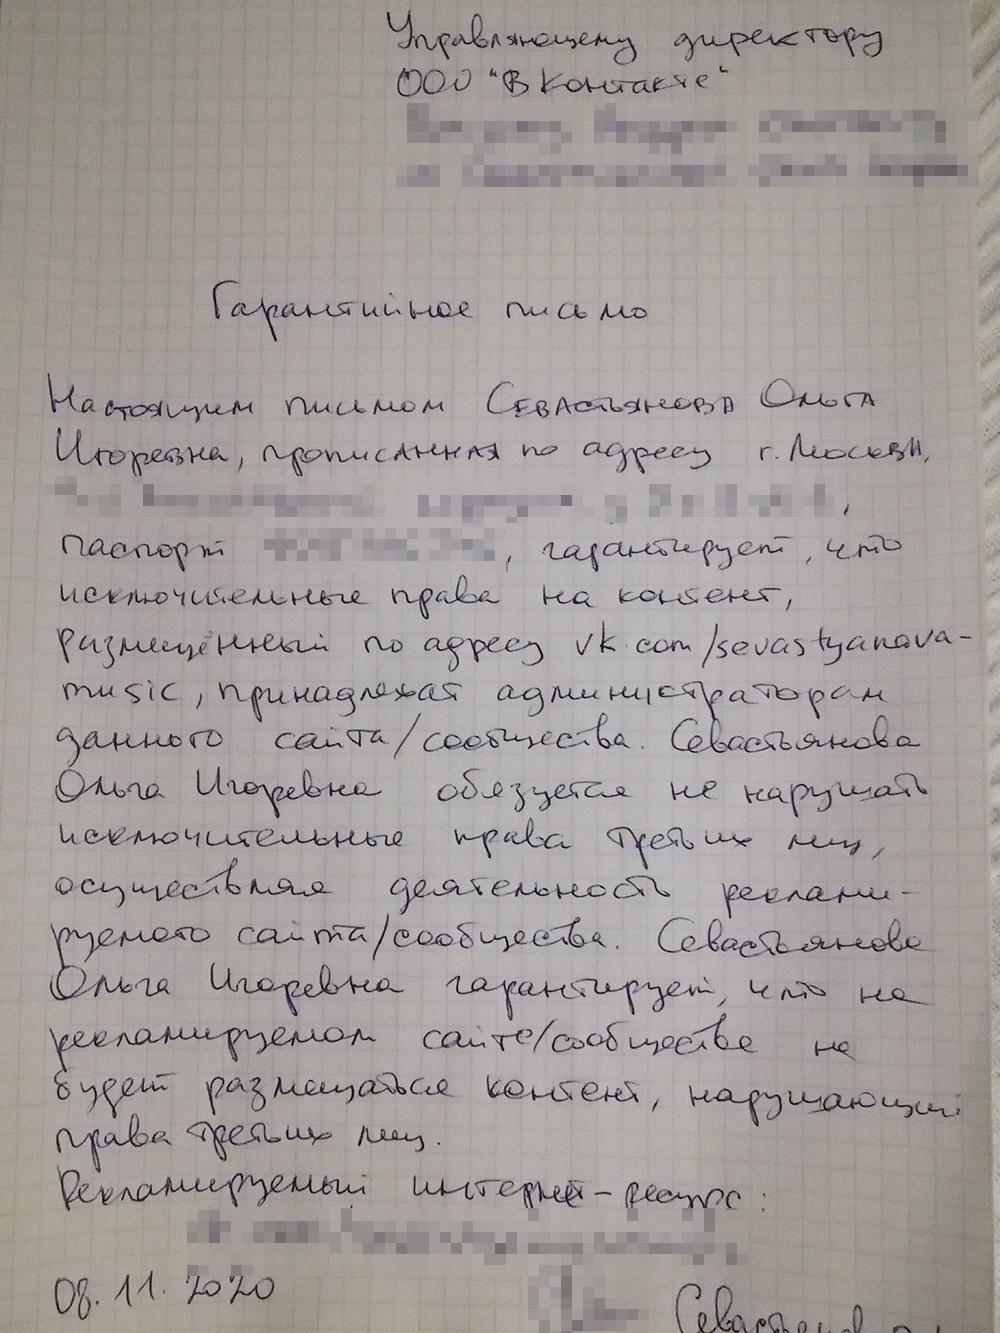 Такую фотографию я отправила в поддержку «Вконтакте», чтобы гарантировать авторские права на свои песни